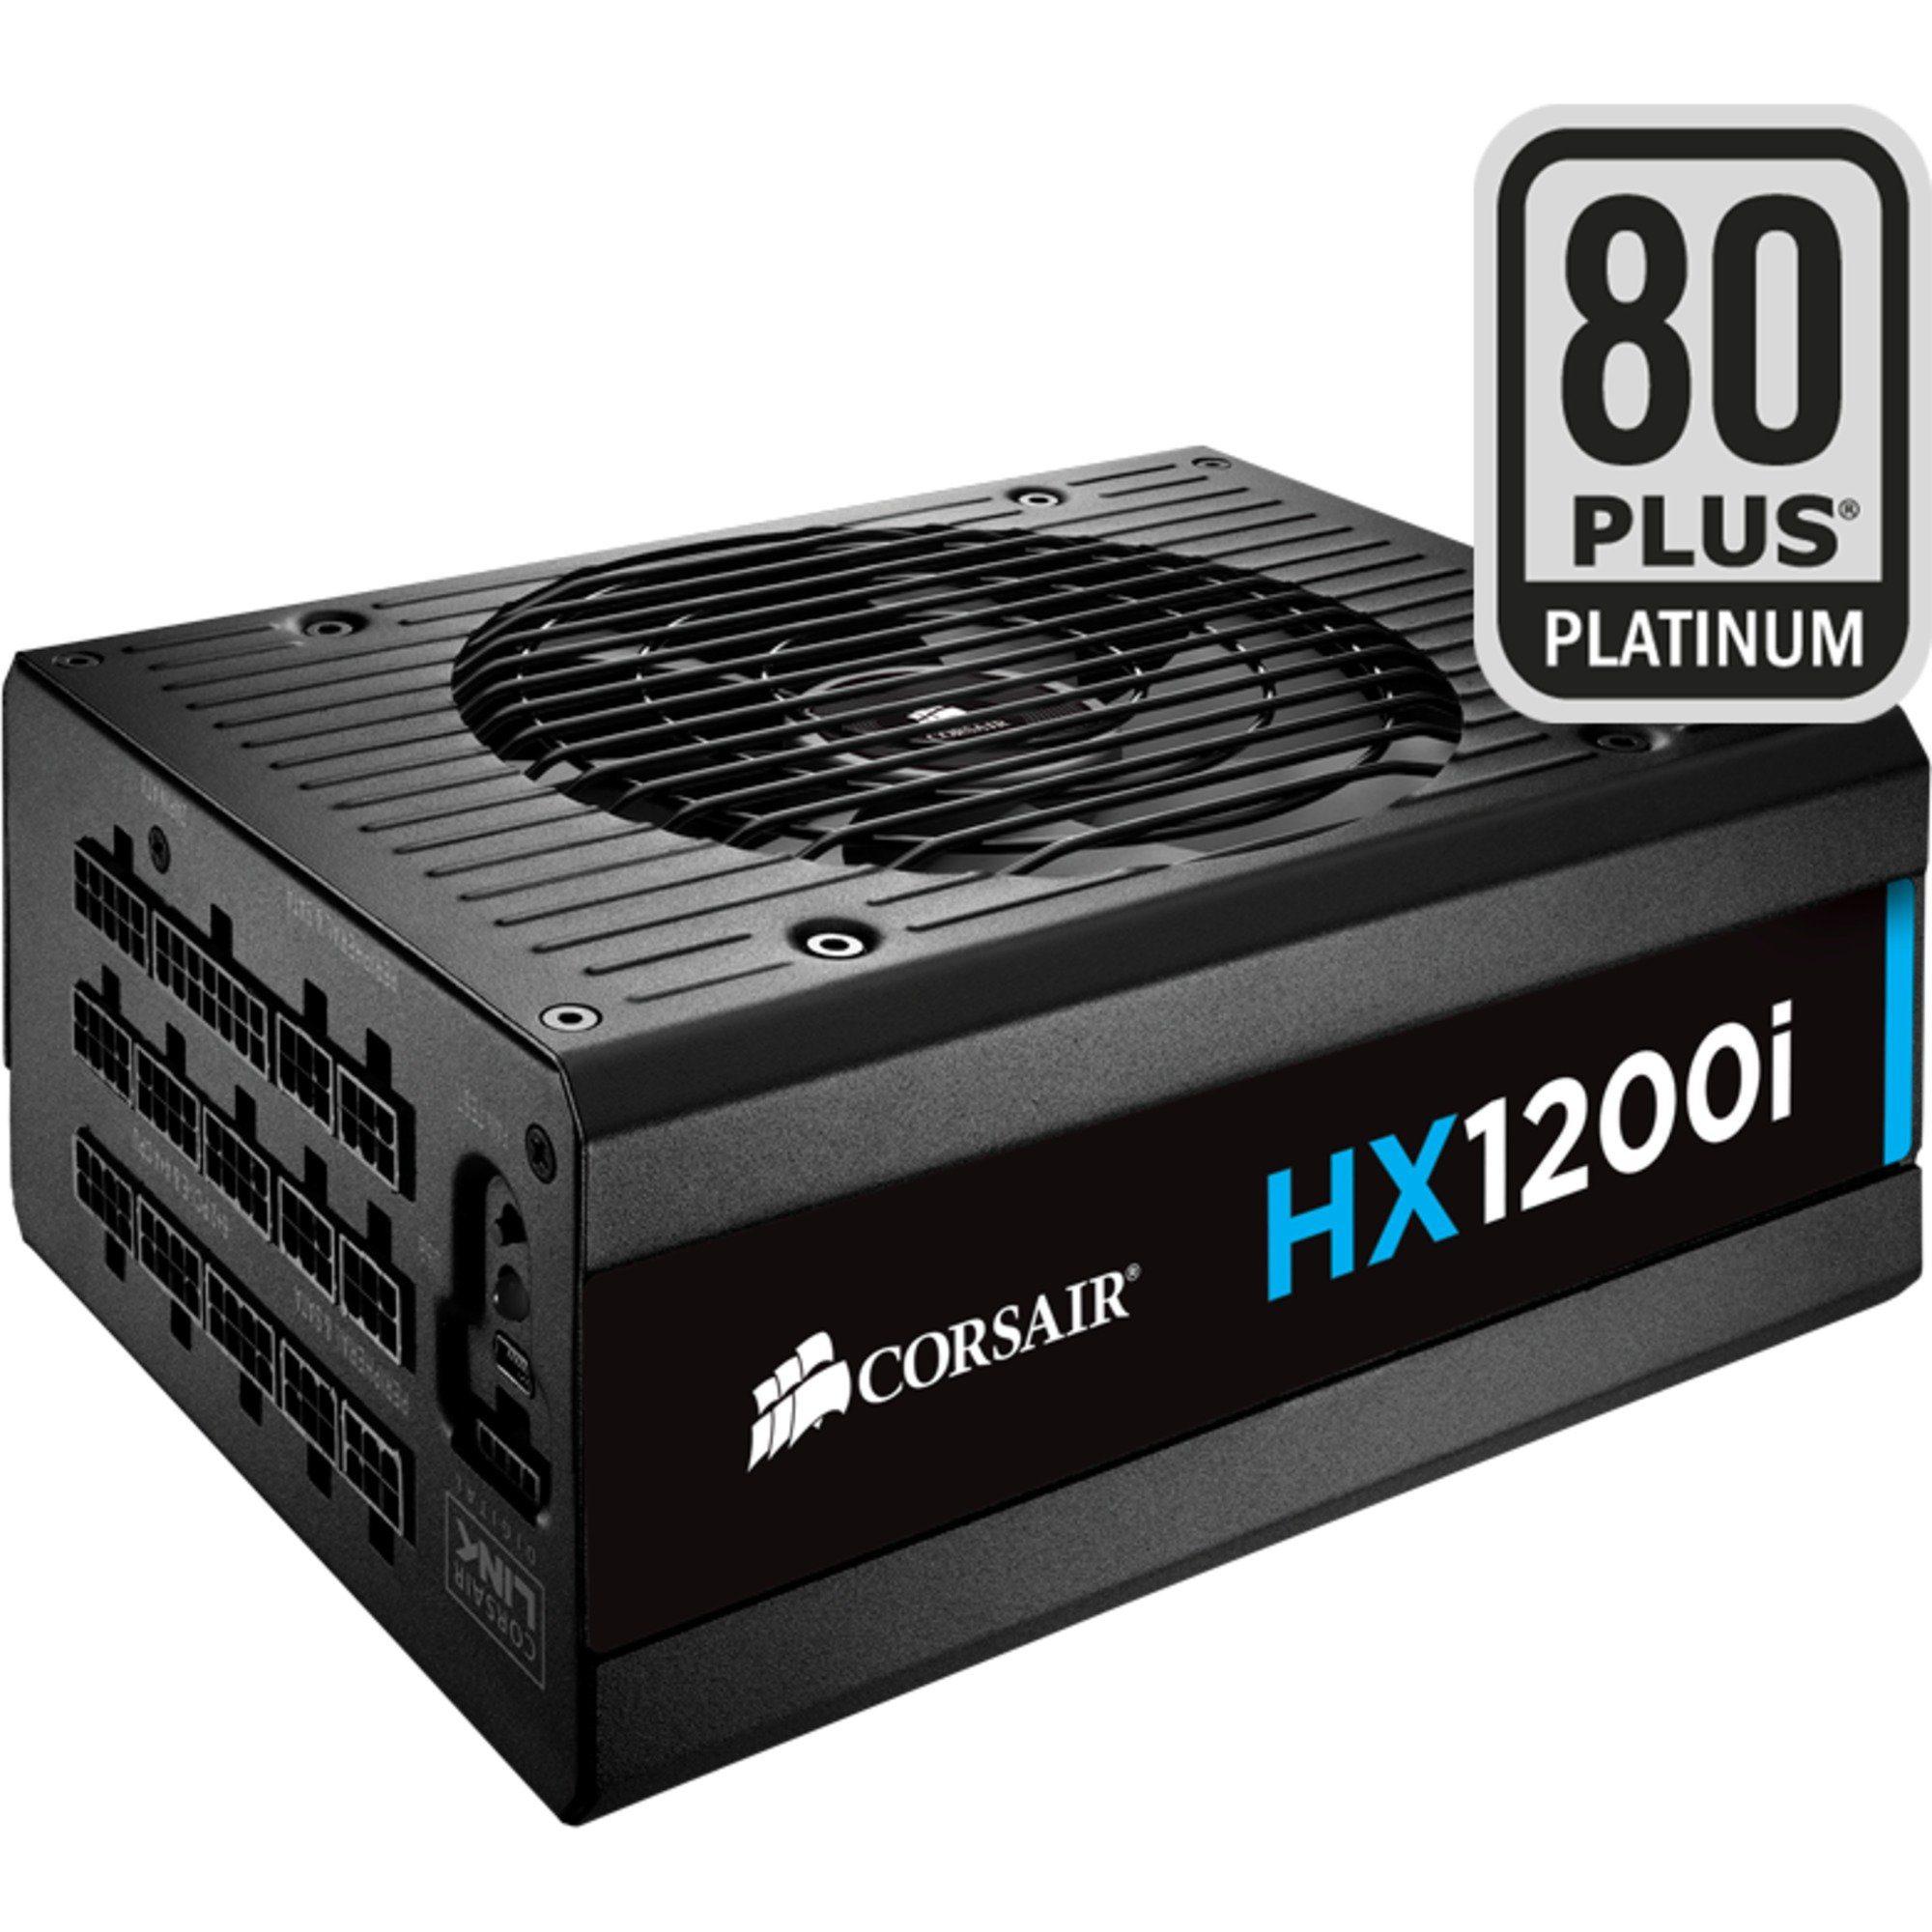 Corsair PC-Netzteil »HX1200i«